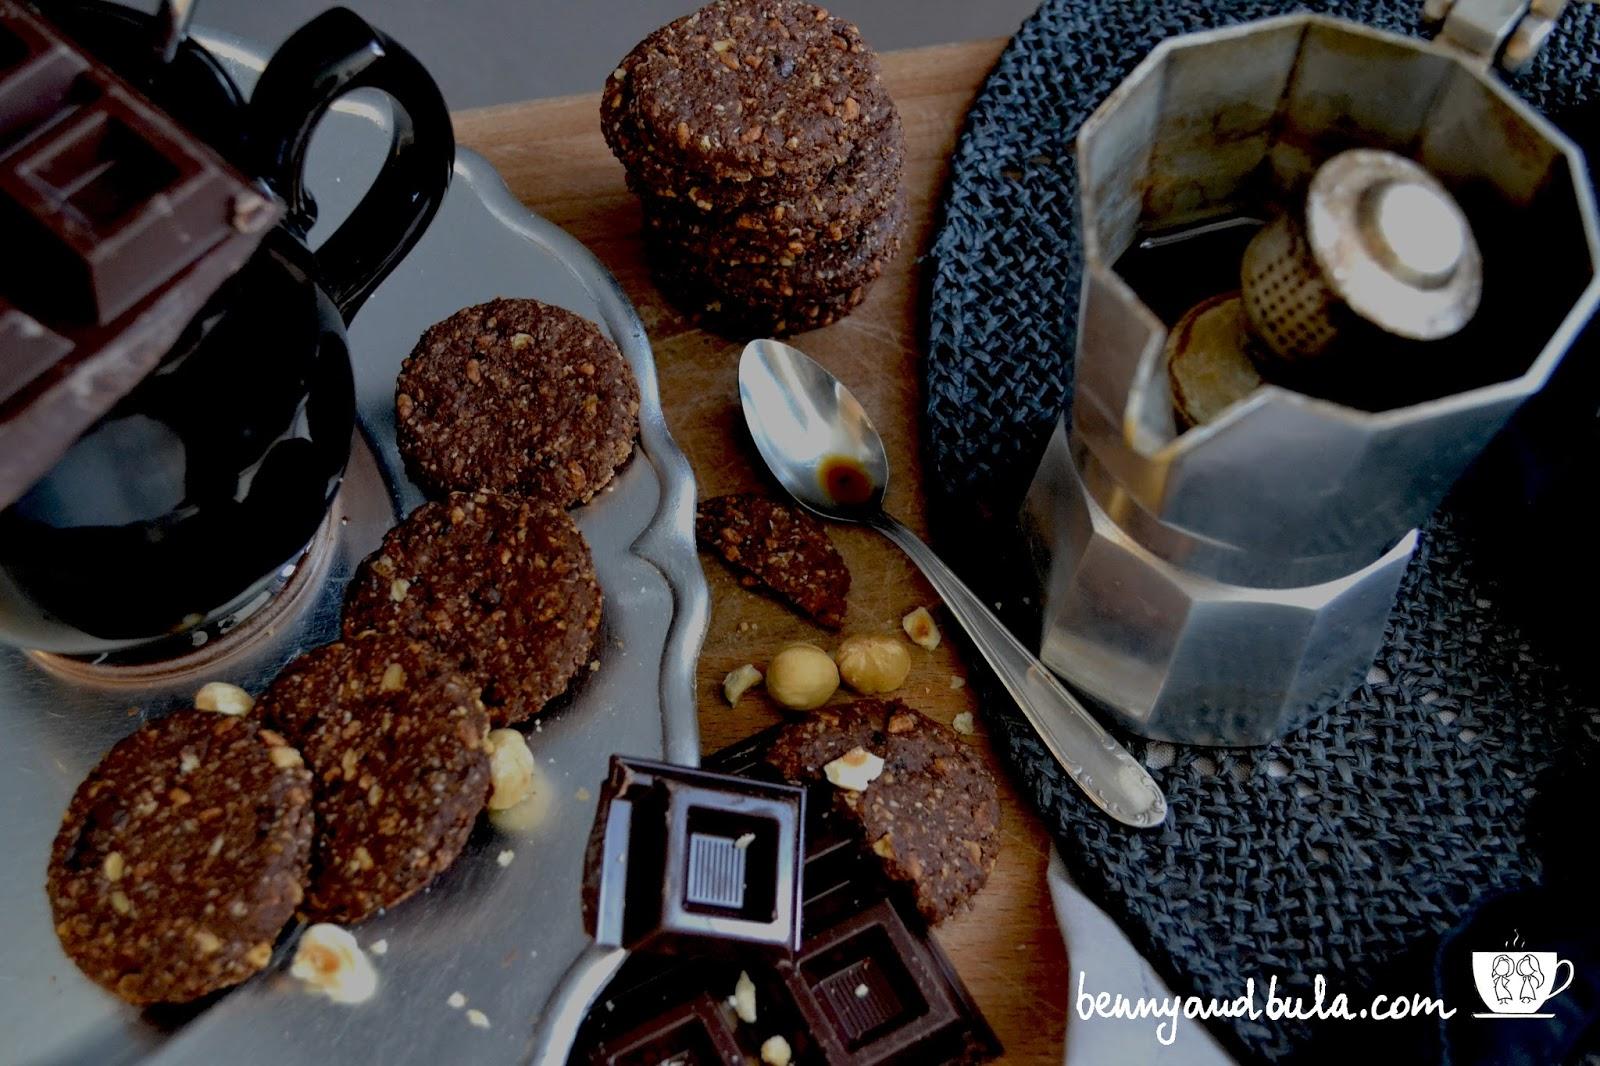 biscotto grancereale cioccolato con avena cacao e nocciole / oat cookies cocoa and hezelnuts